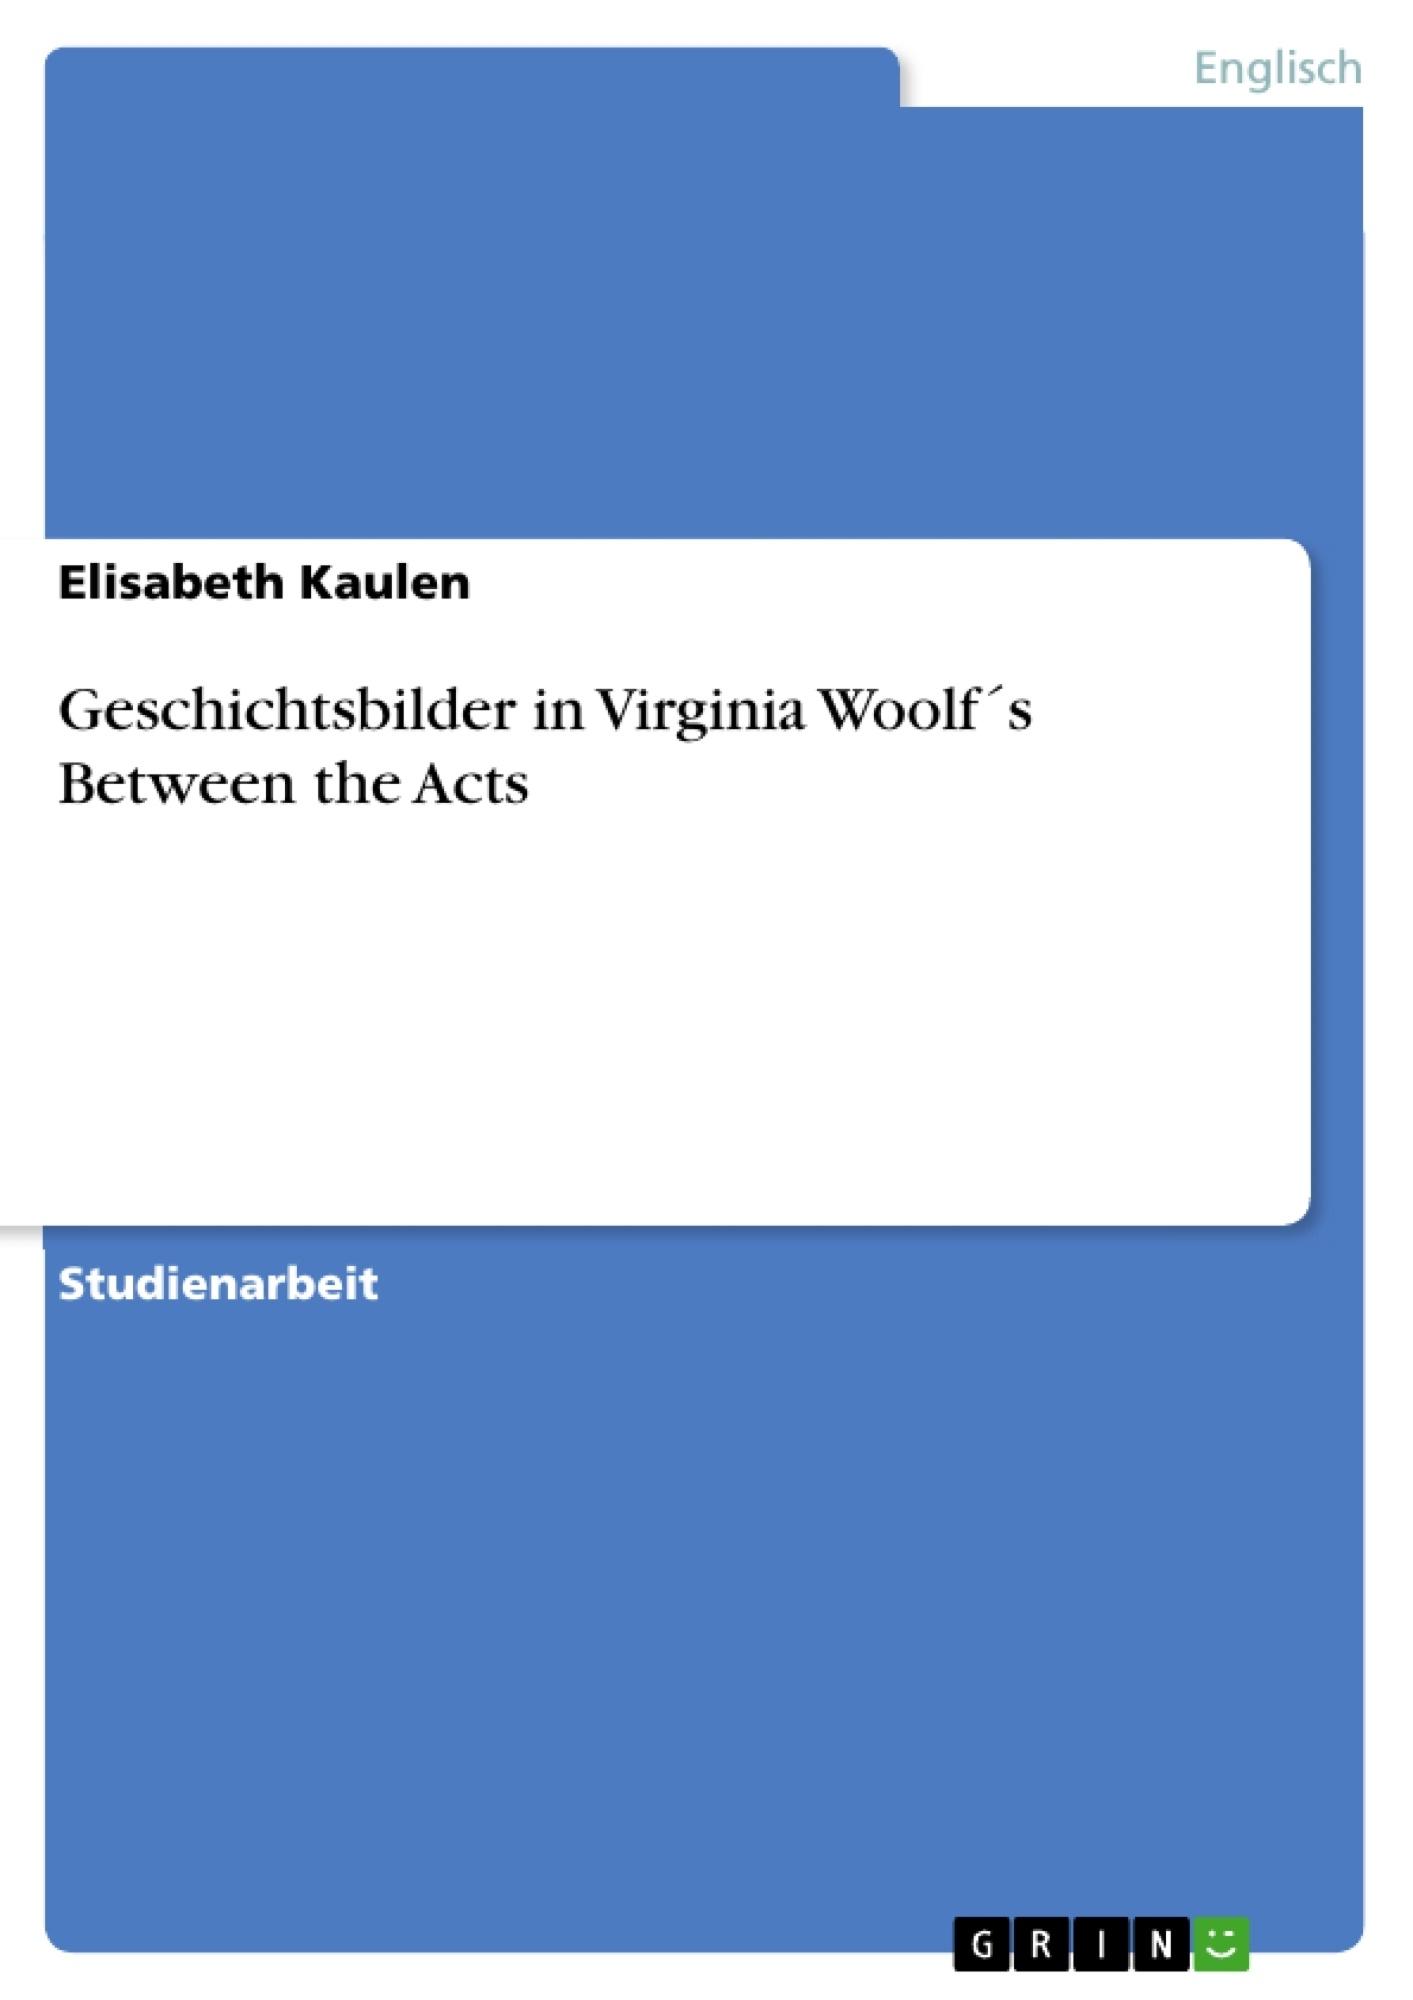 Titel: Geschichtsbilder in Virginia Woolf´s Between the Acts